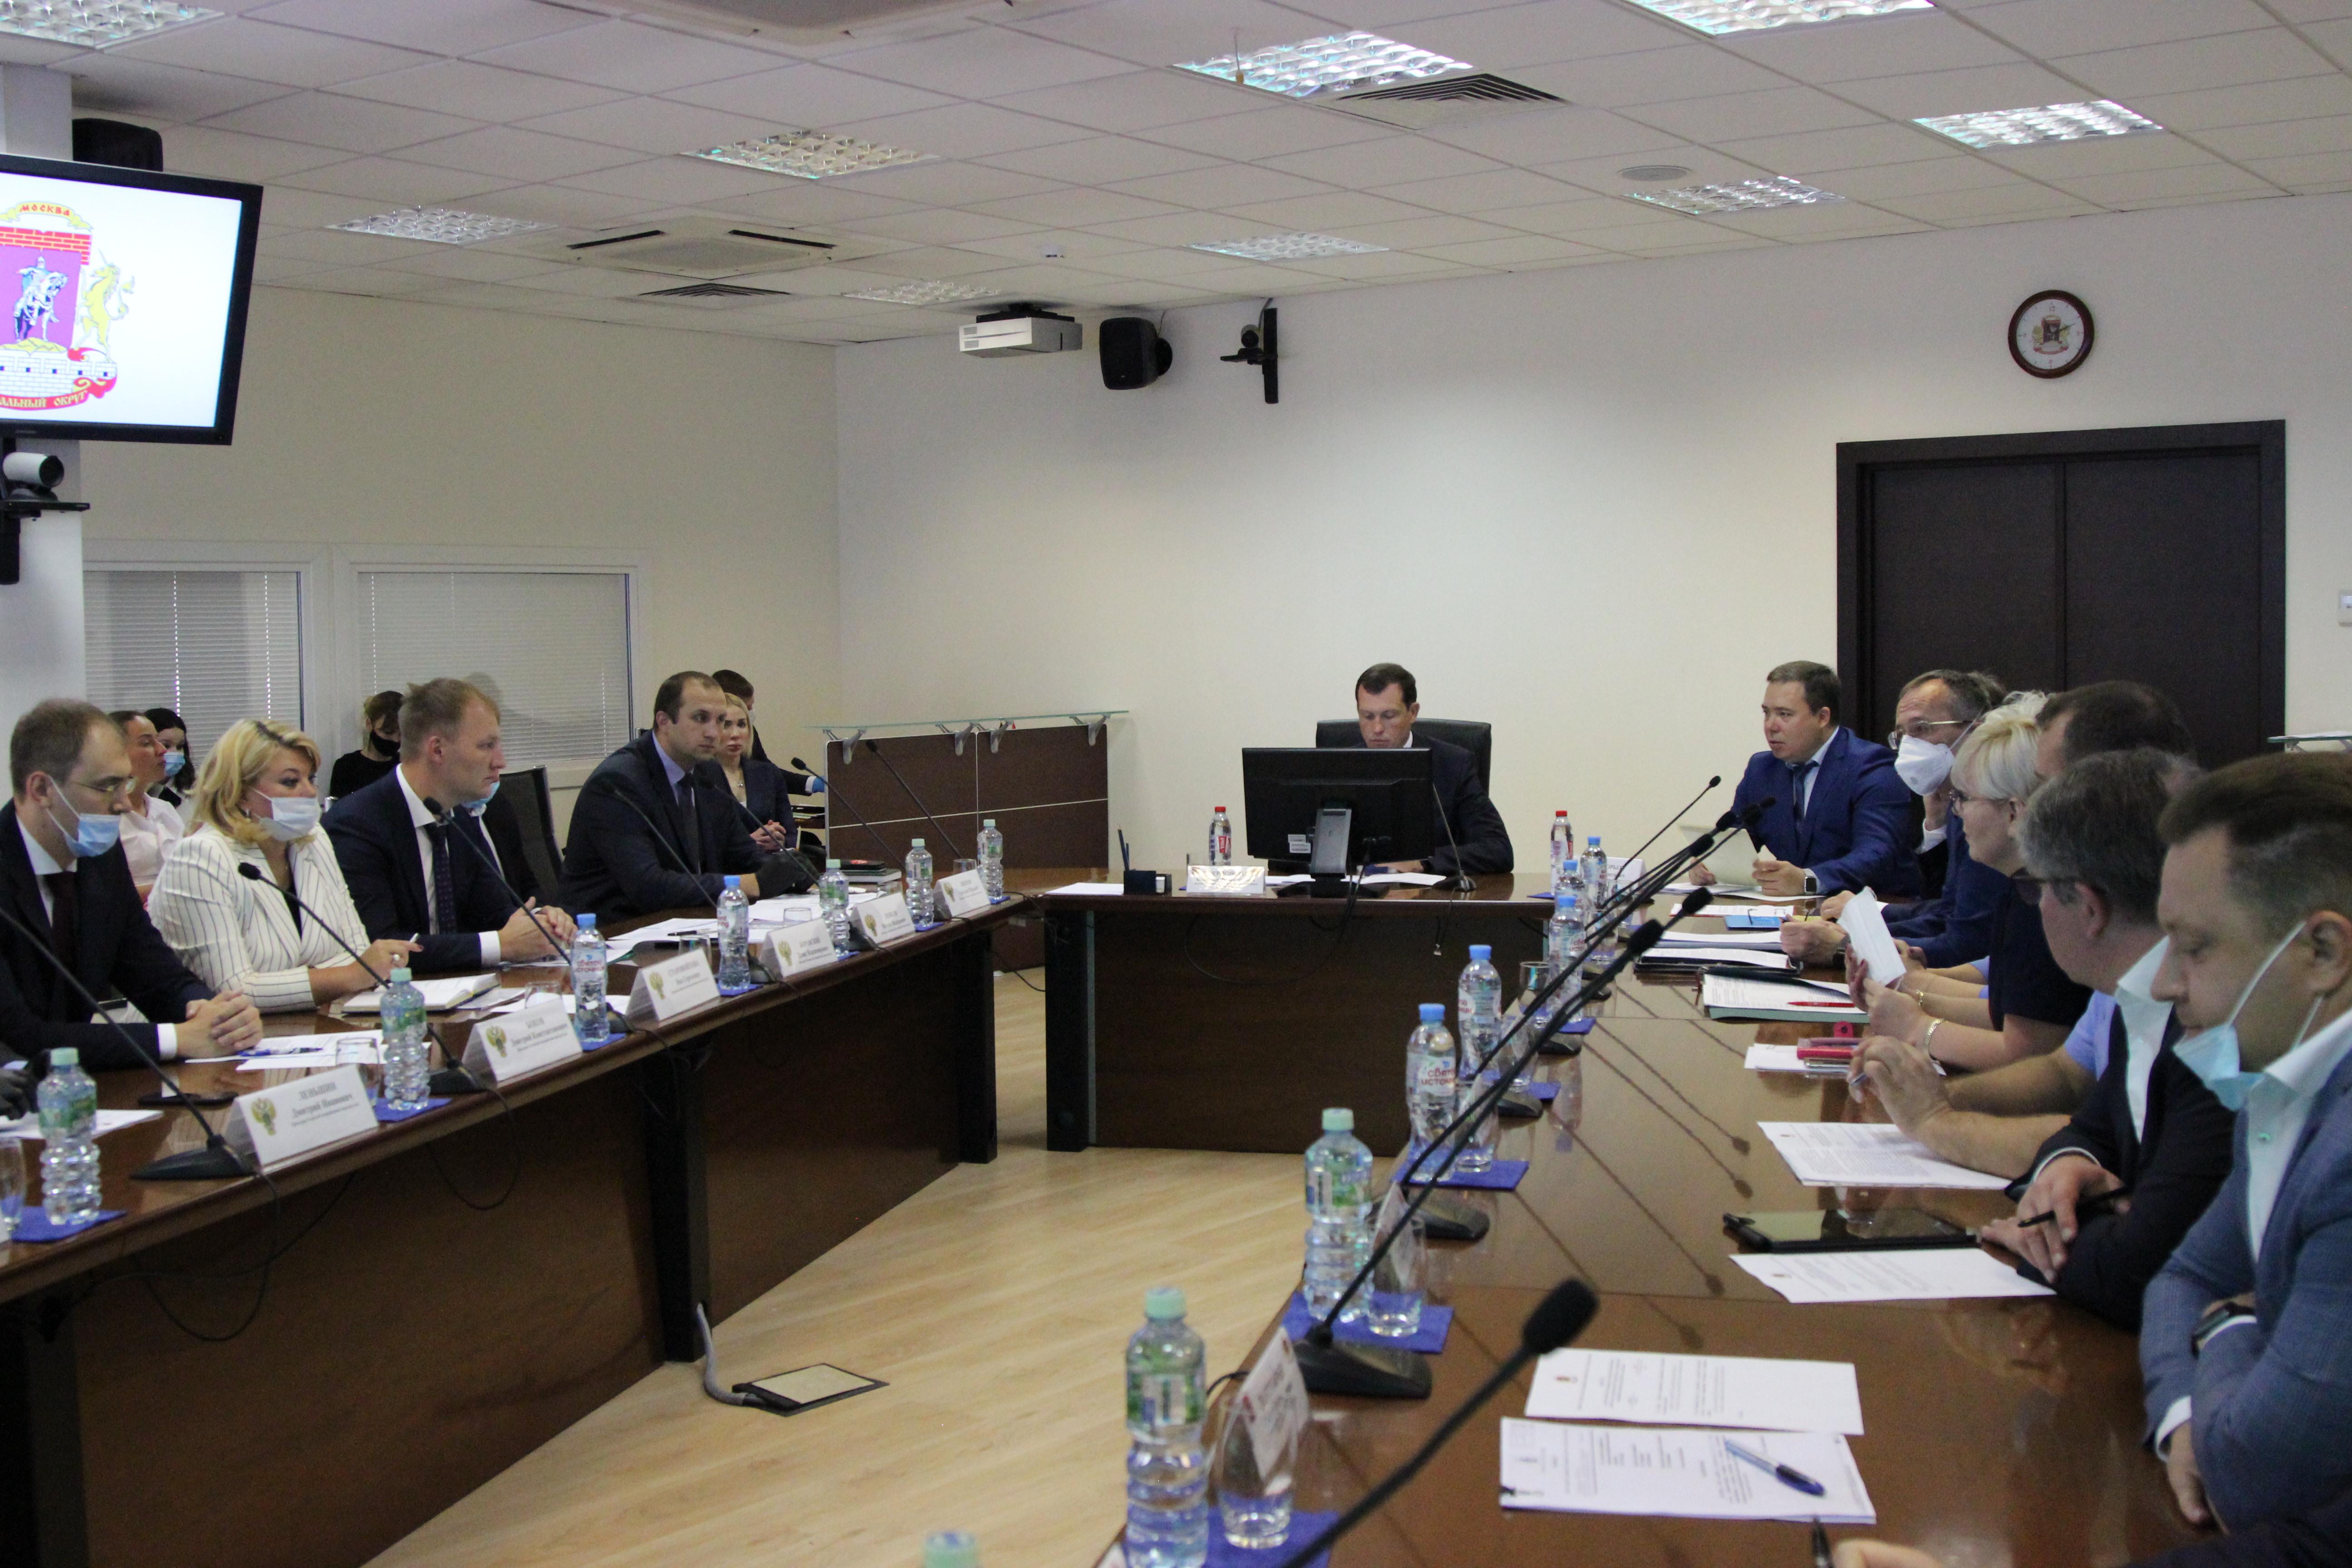 Межведомственное совещание провел префект Владимир Говердовский. Фото предоставили в Префектуре ЦАО